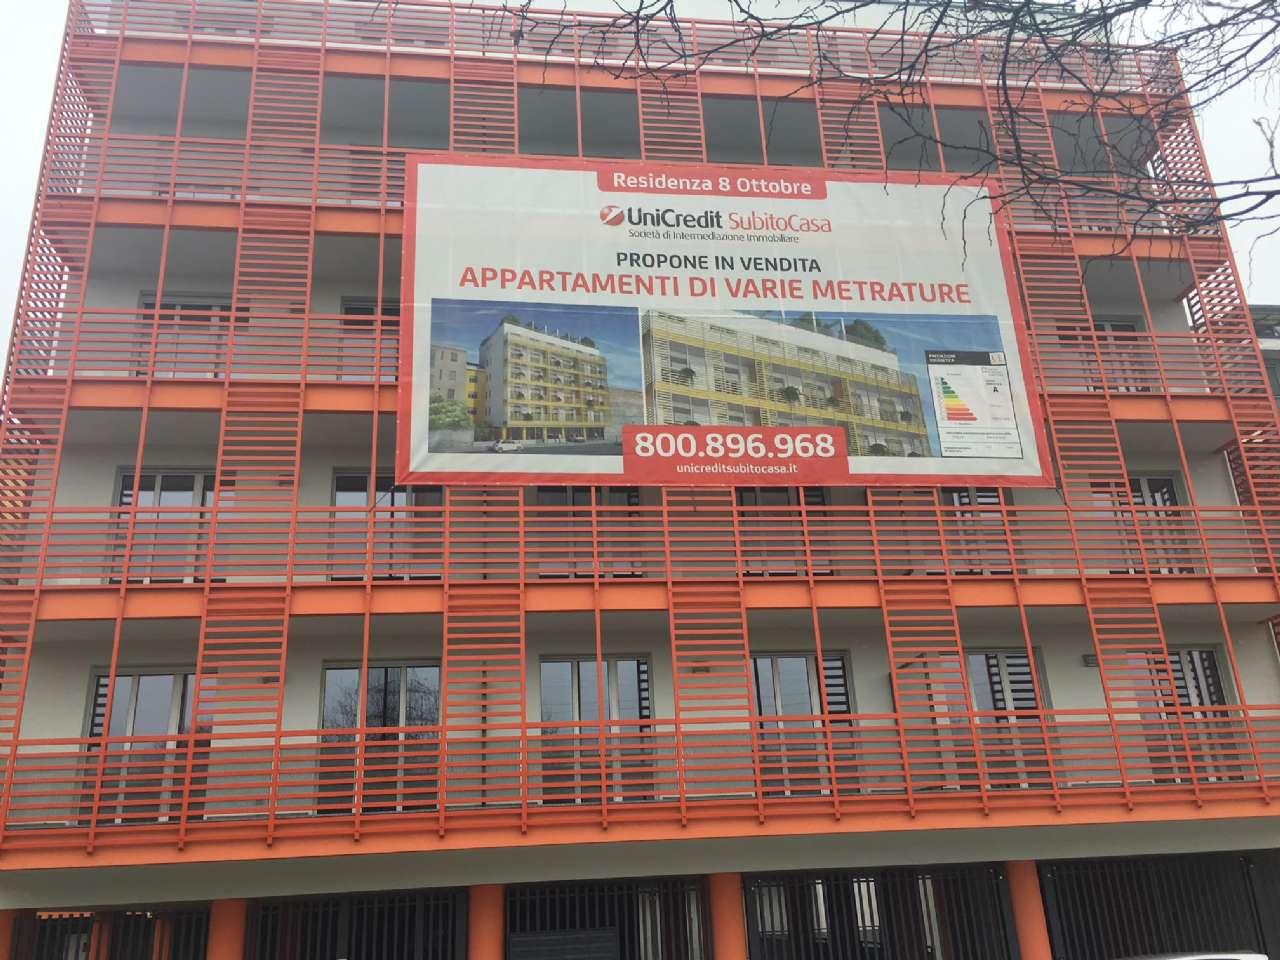 Bilocale Milano Via 8 Ottobre 10